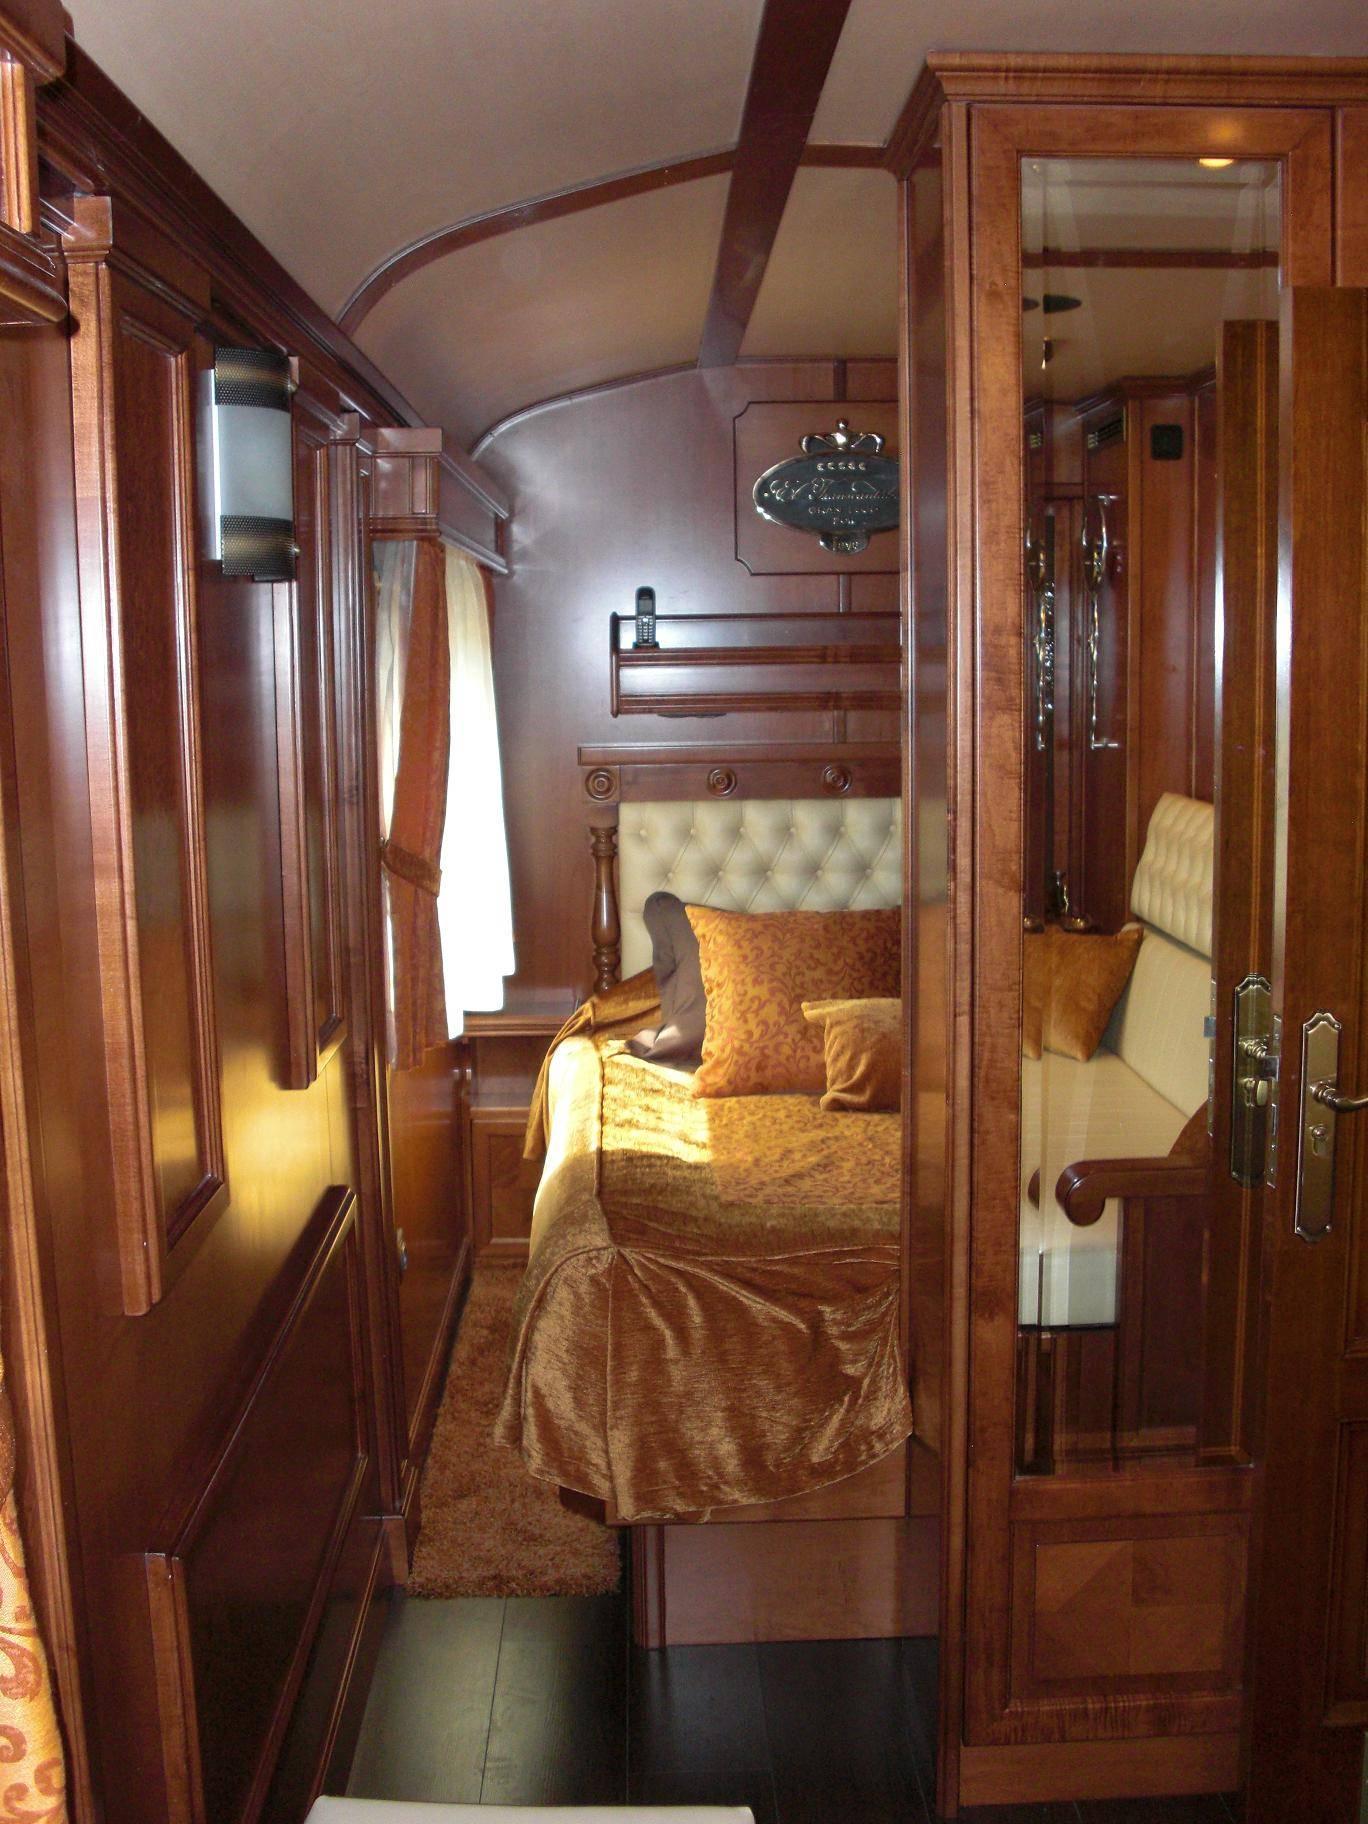 Private Train Car Interiors